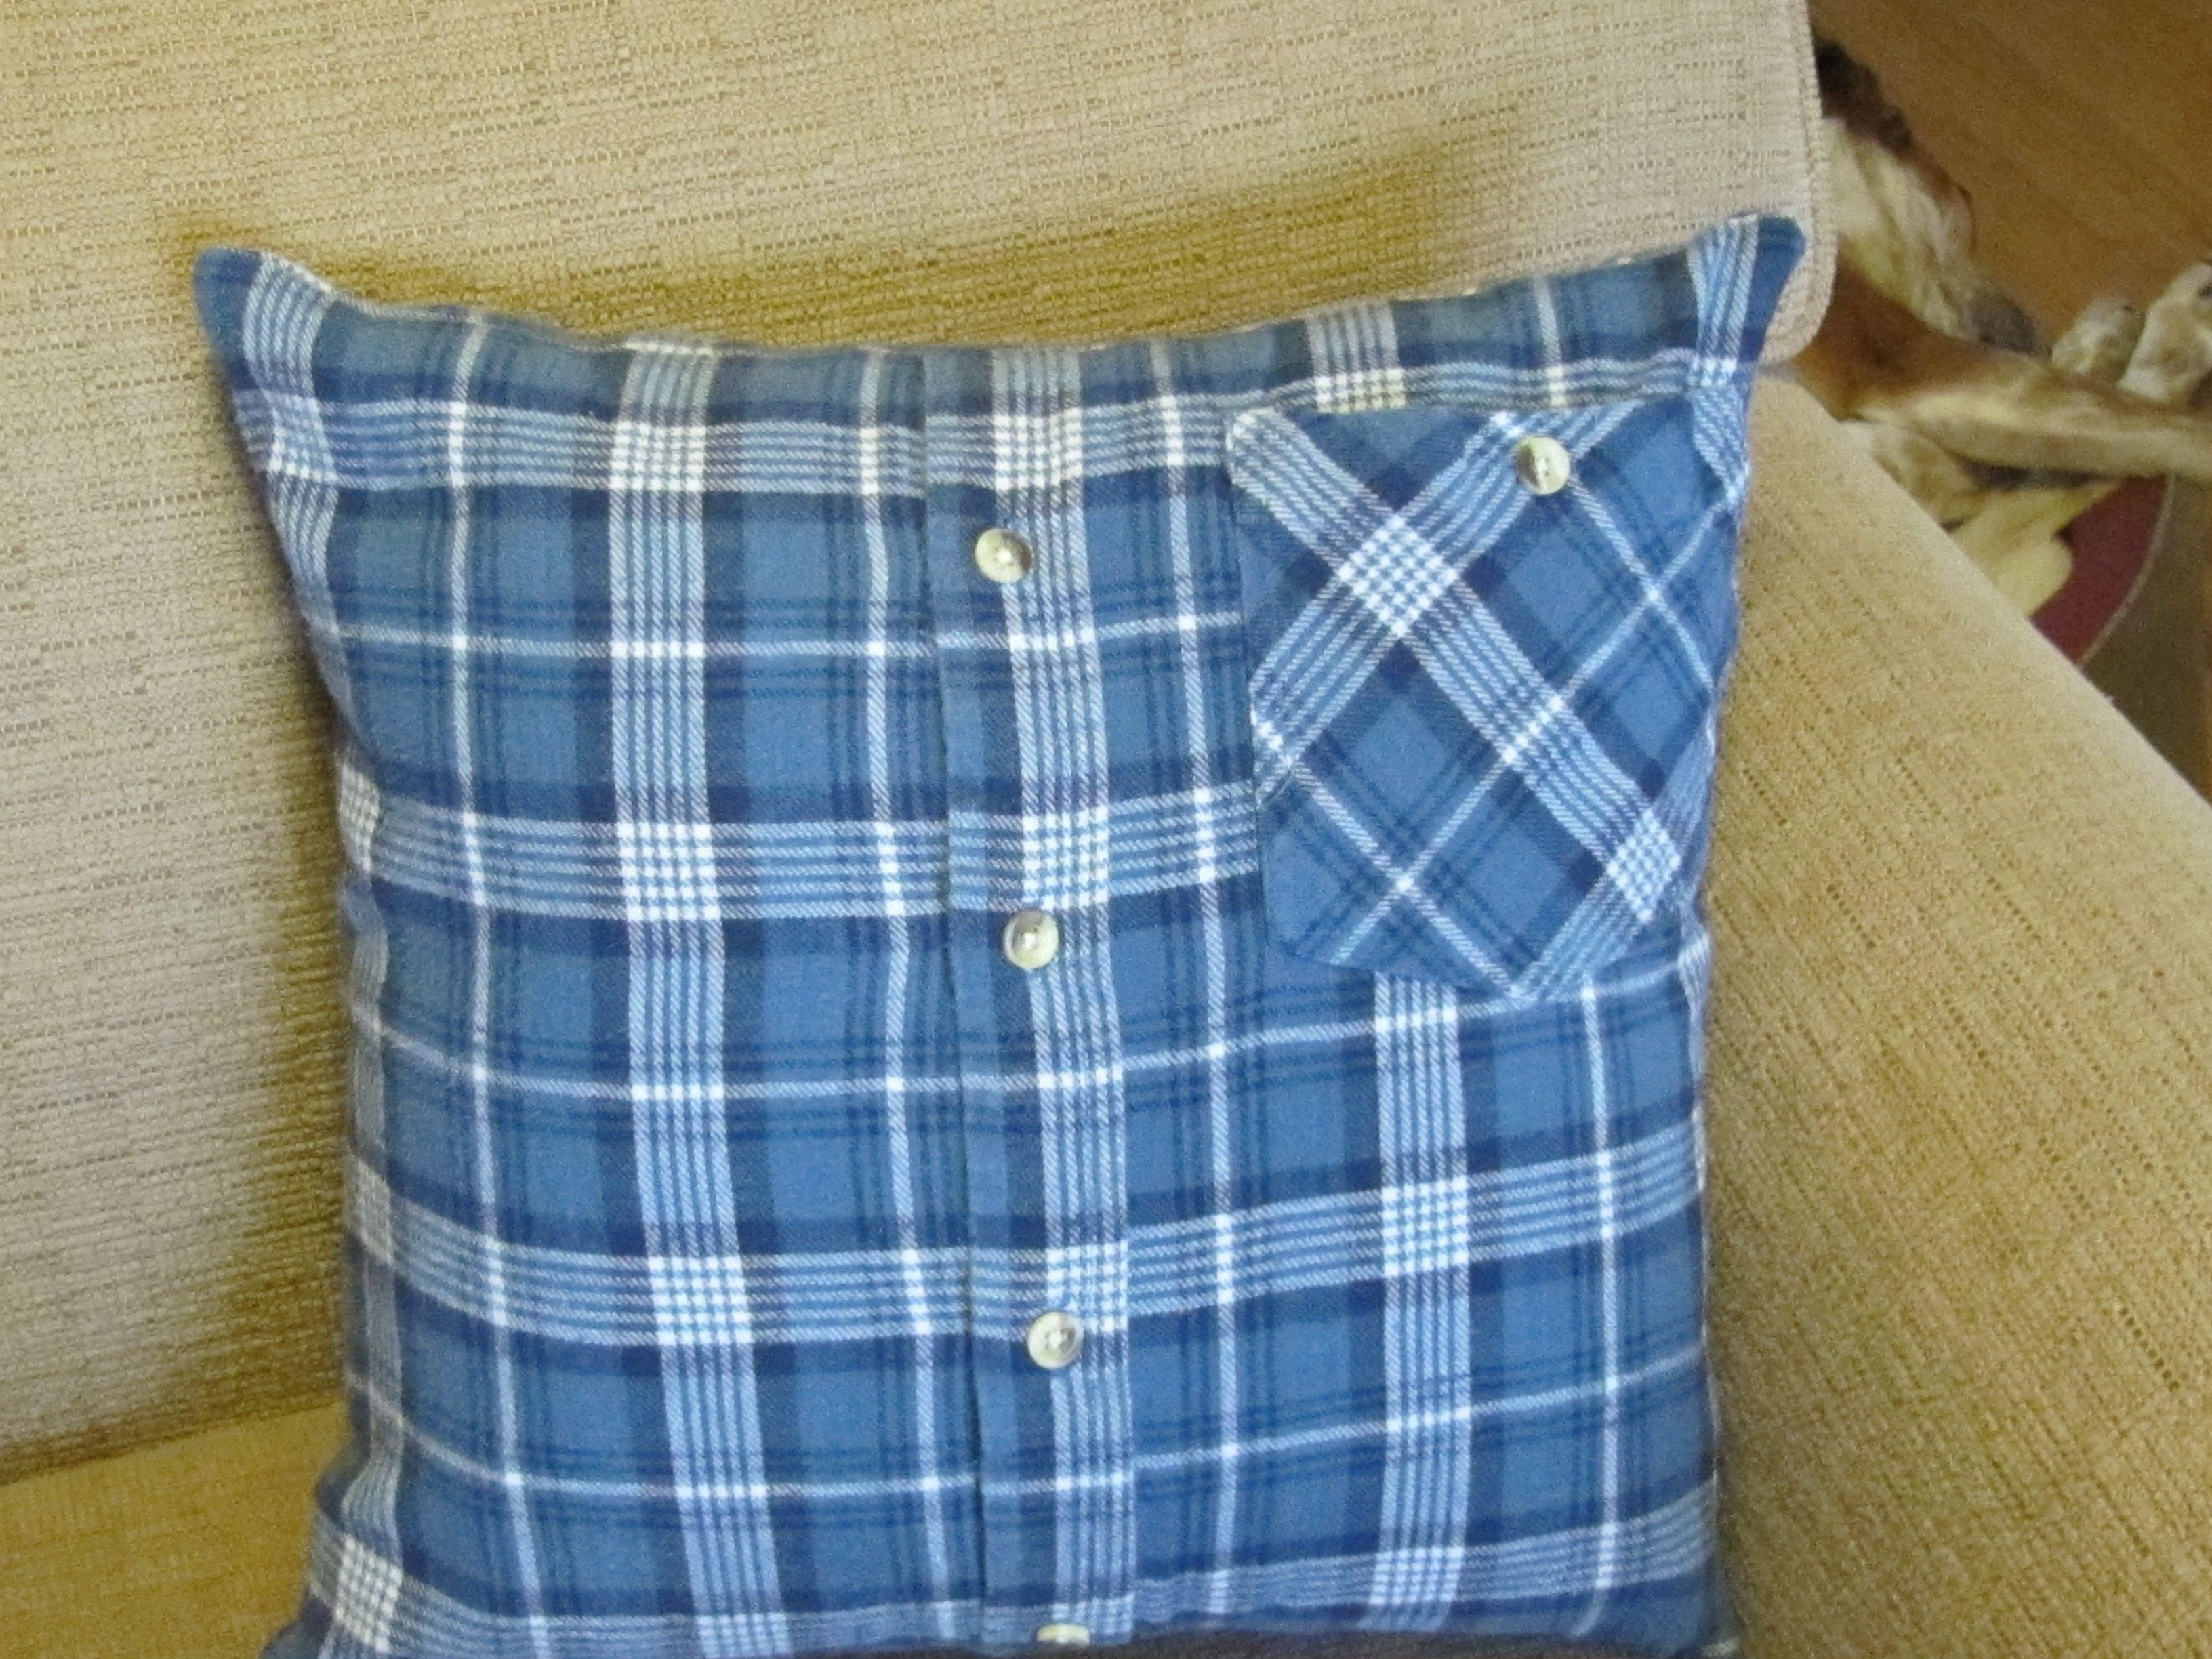 Flannel Shirt Pillow - Friend Of